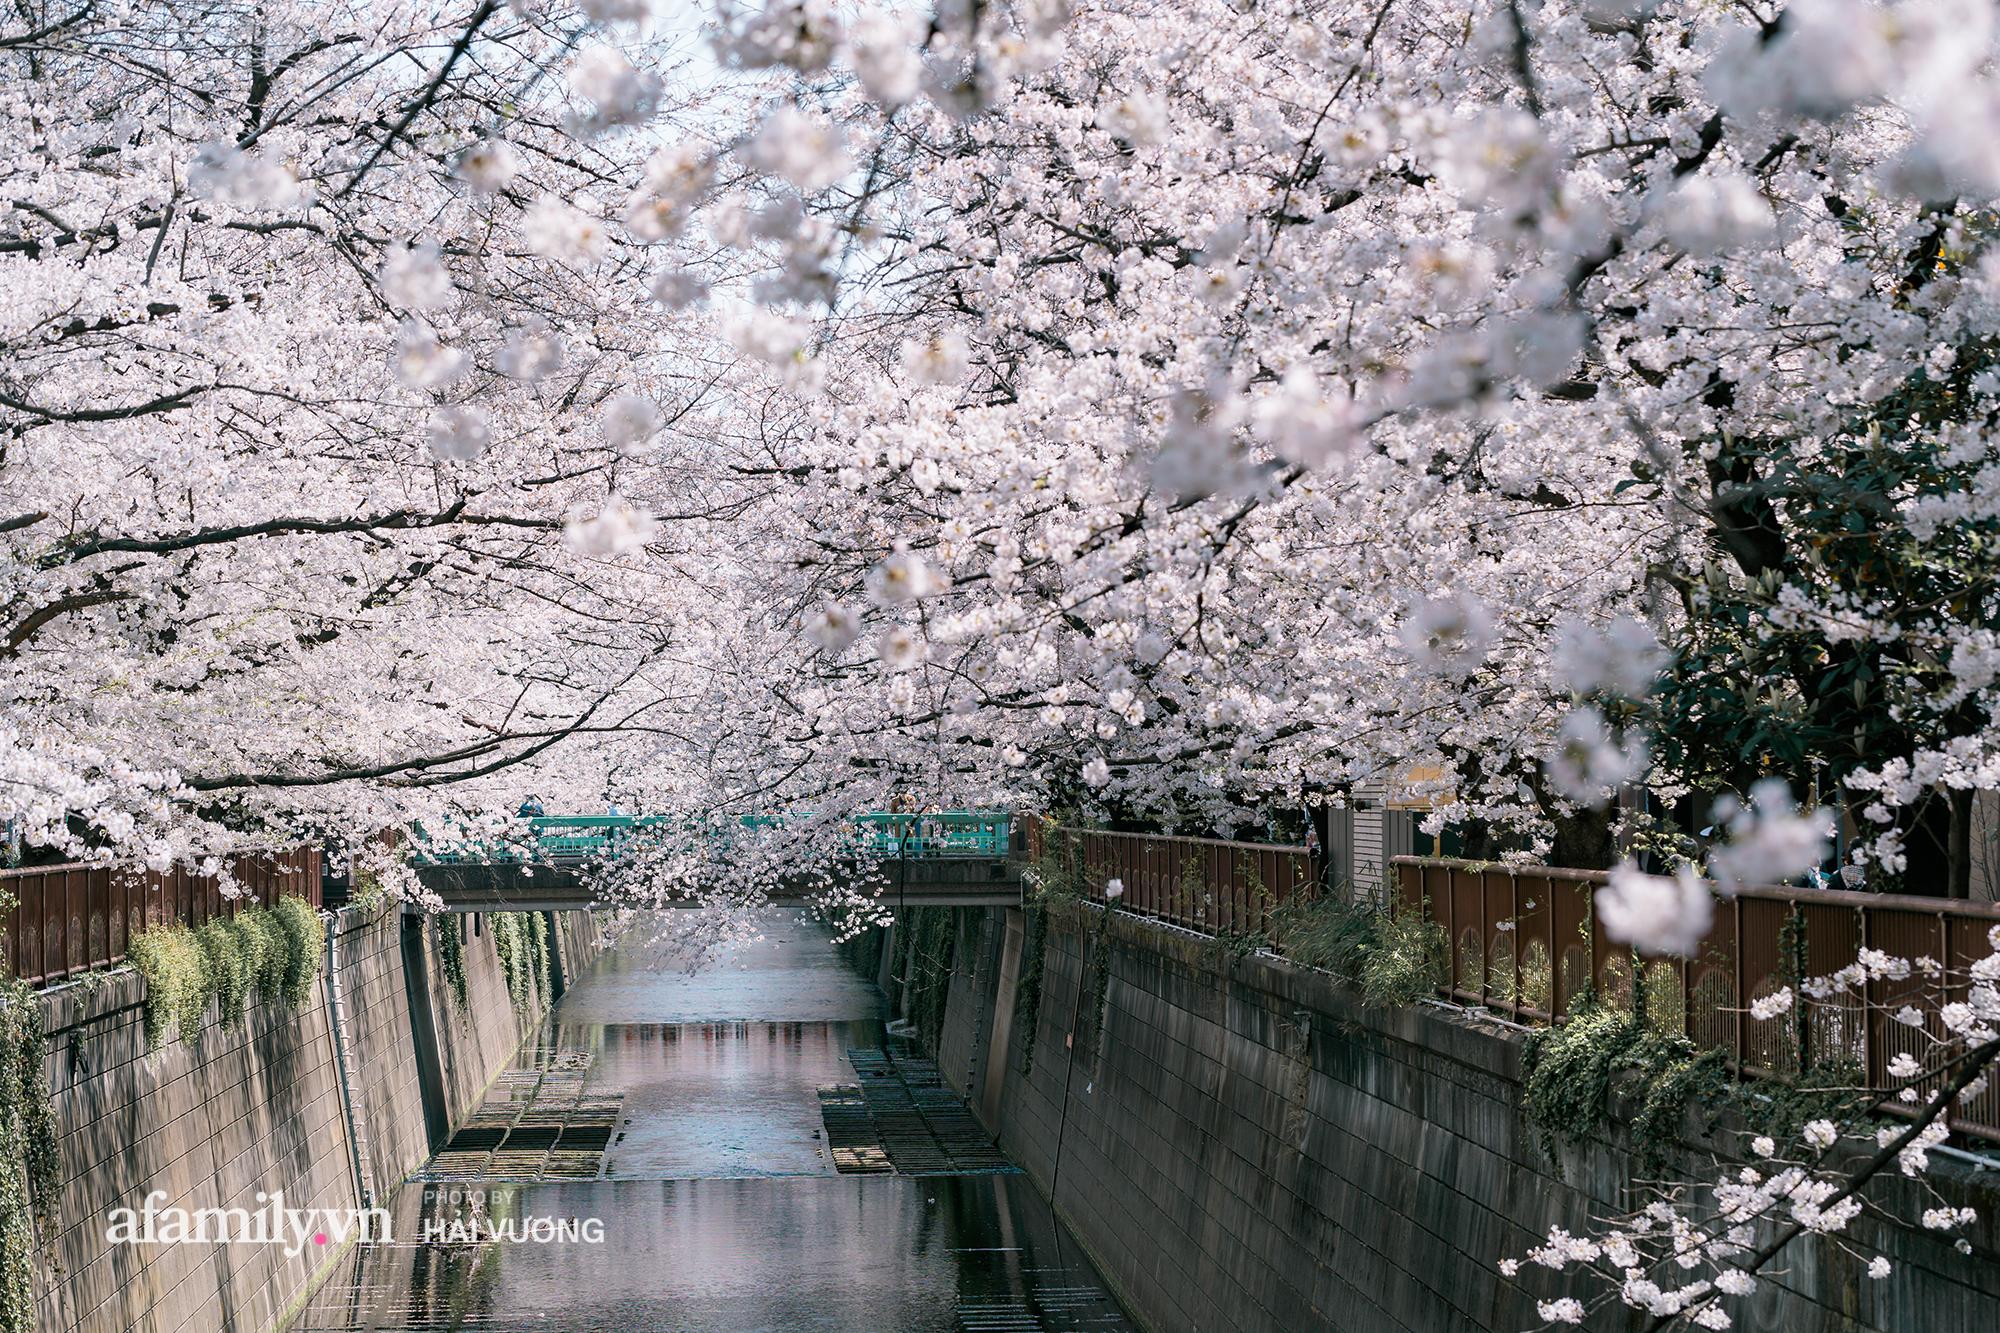 Siêu ngây ngất cảnh toàn thủ đô Tokyo bao trùm dưới hàng trăm nghìn cây hoa anh đào bởi hiện tượng nở sớm nhất trong 1.200 năm qua ống kính của anh chàng người Việt - Ảnh 3.